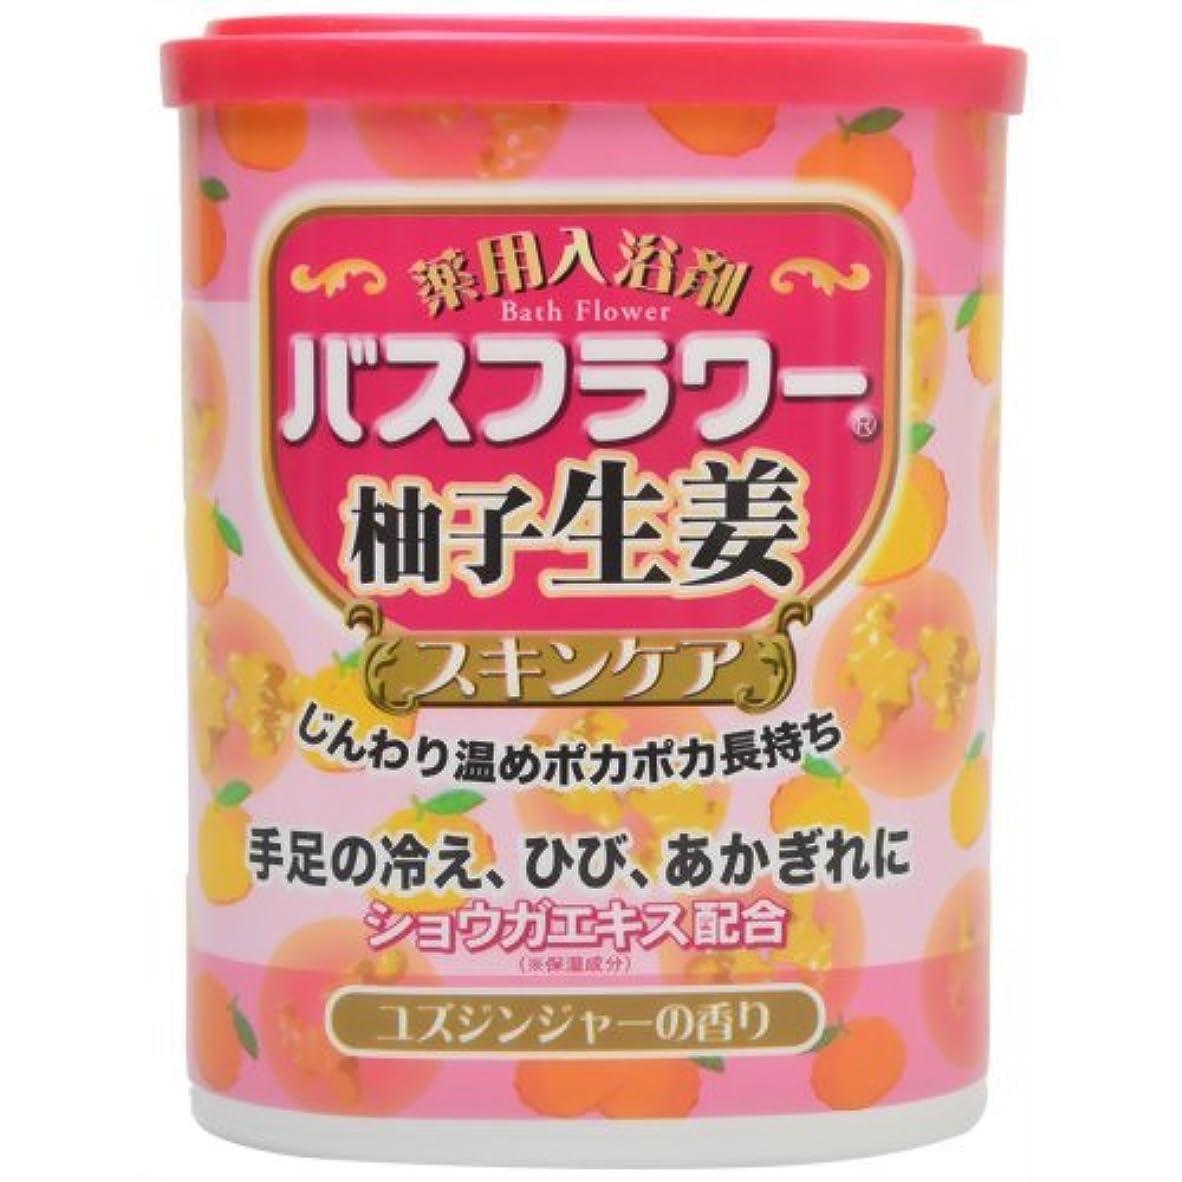 再生的フェッチ可能性バスフラワー 薬用入浴剤スキンケア柚子生姜 680g